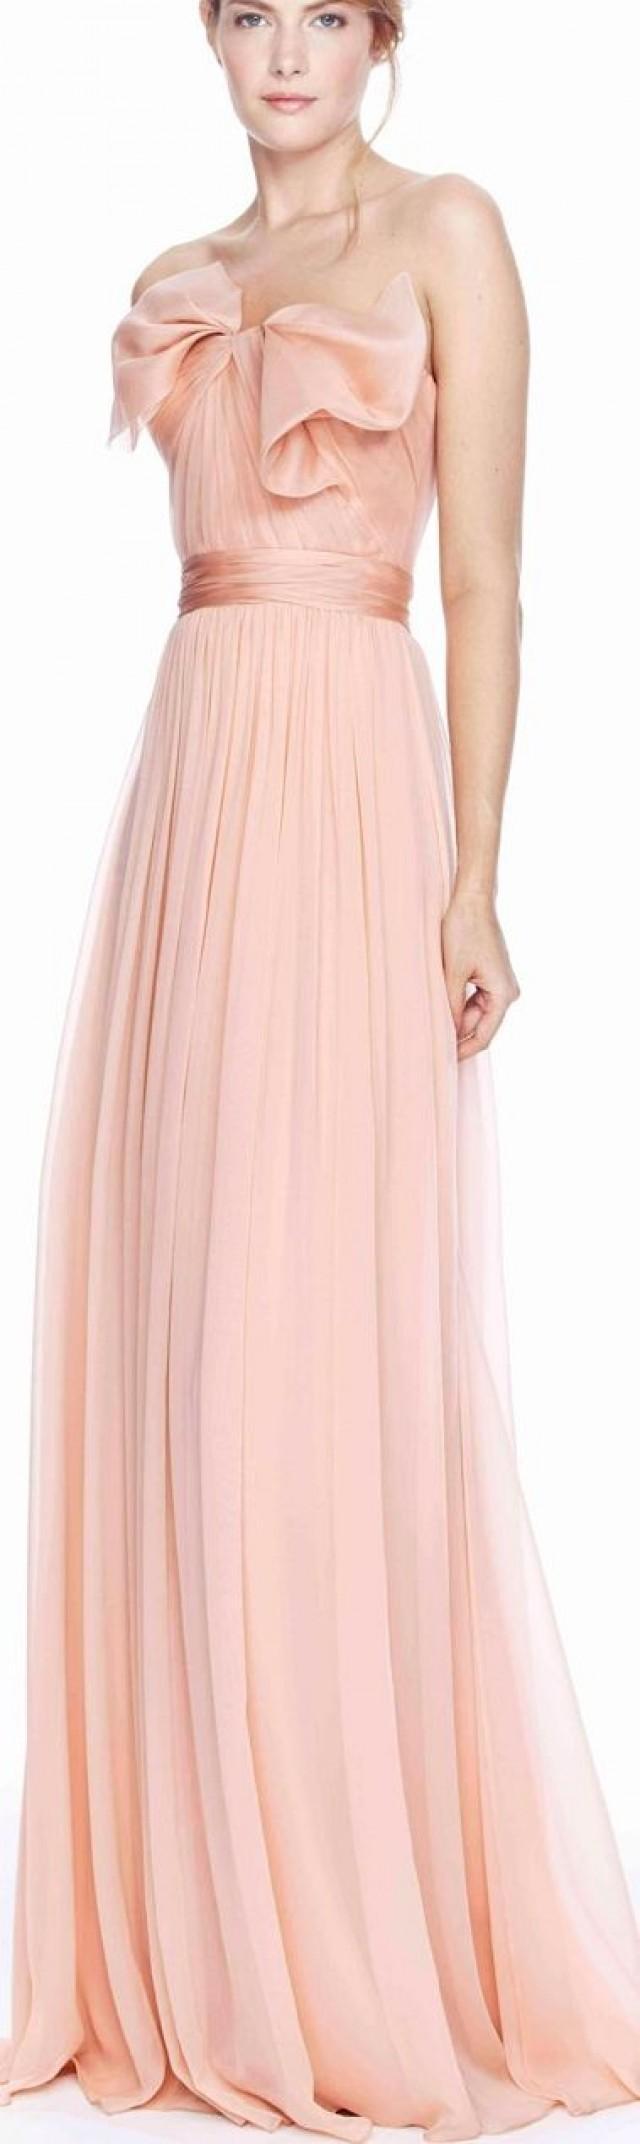 pastell hochzeit kleider pastell rosa 2095831. Black Bedroom Furniture Sets. Home Design Ideas